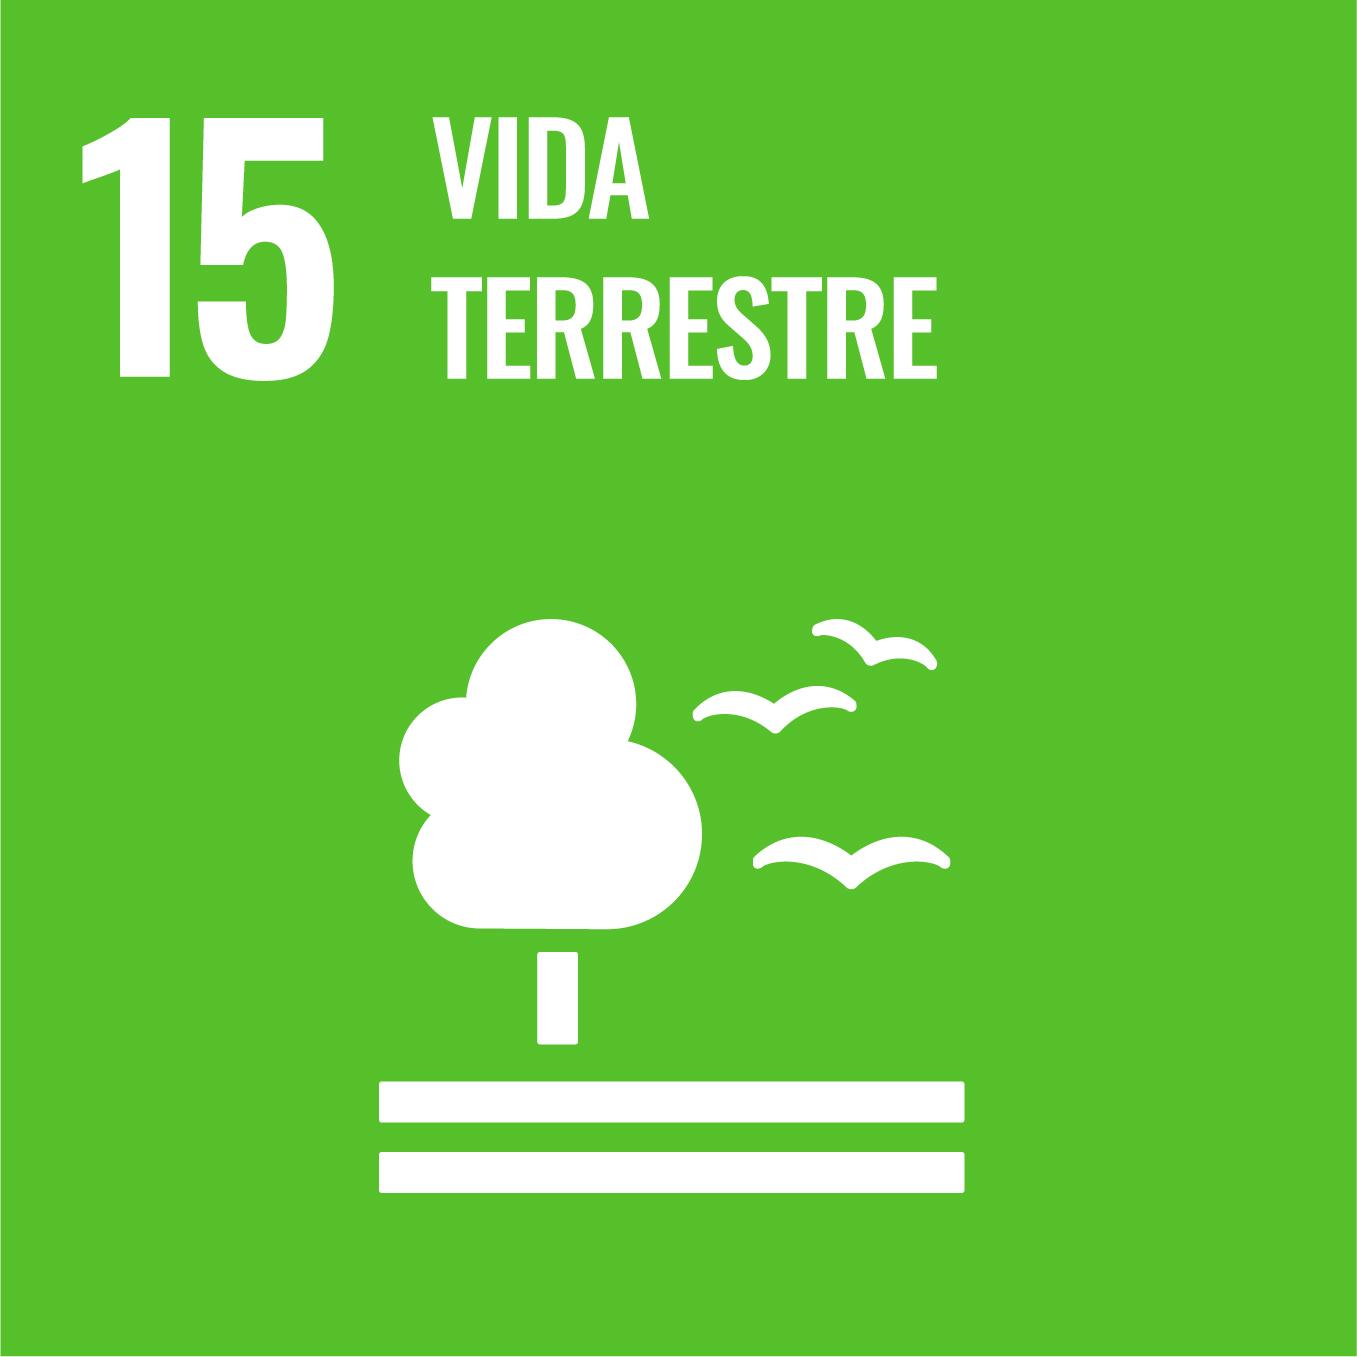 Vida d'Ecosistemes Terrestres - Objectiu 15